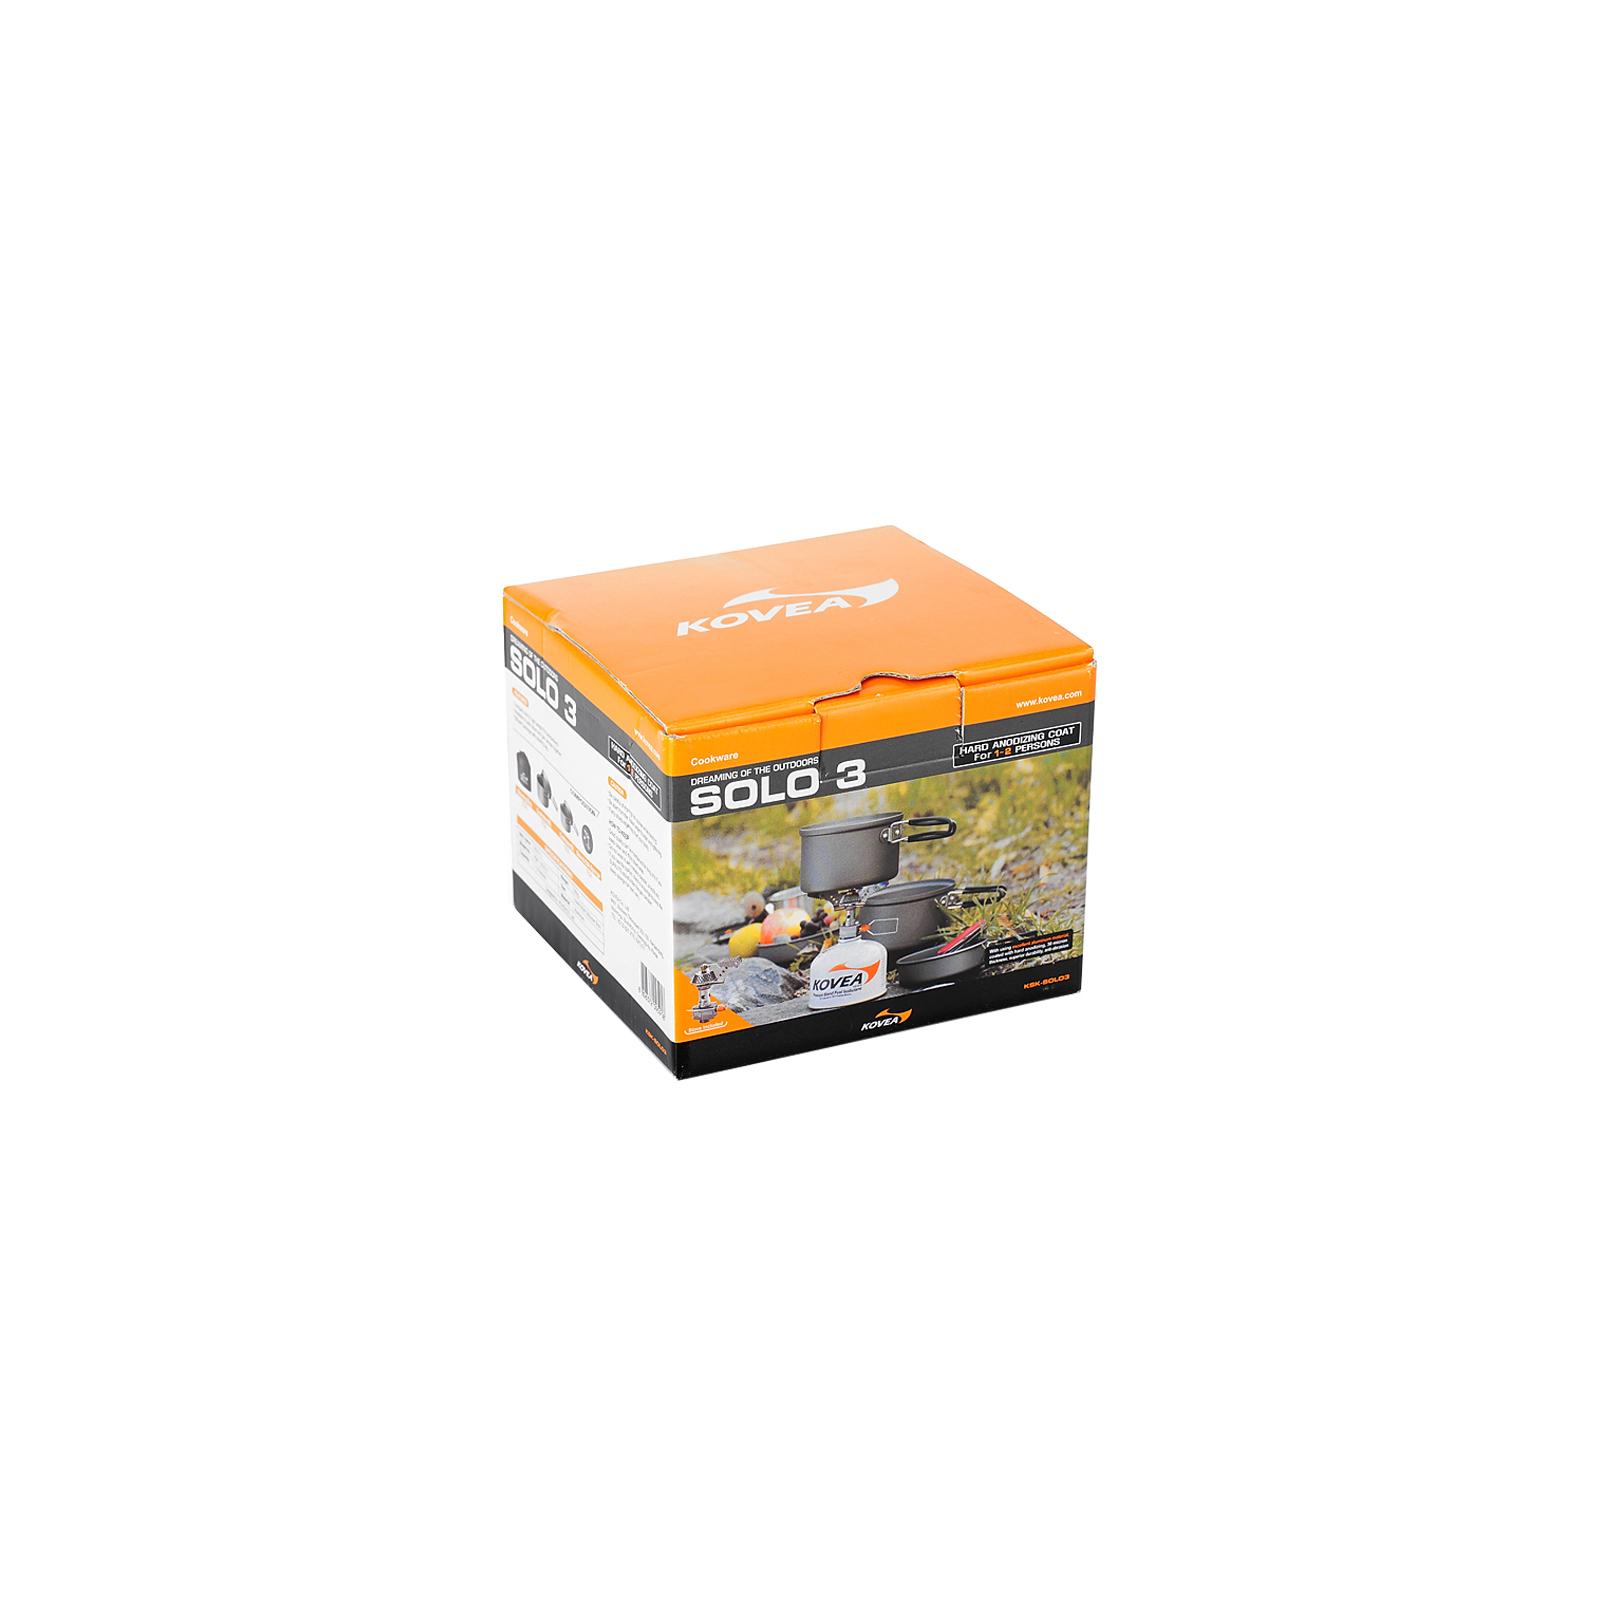 Набор туристической посуды Kovea Solo 3 KSK-SOLO3 (8806372095918) изображение 5